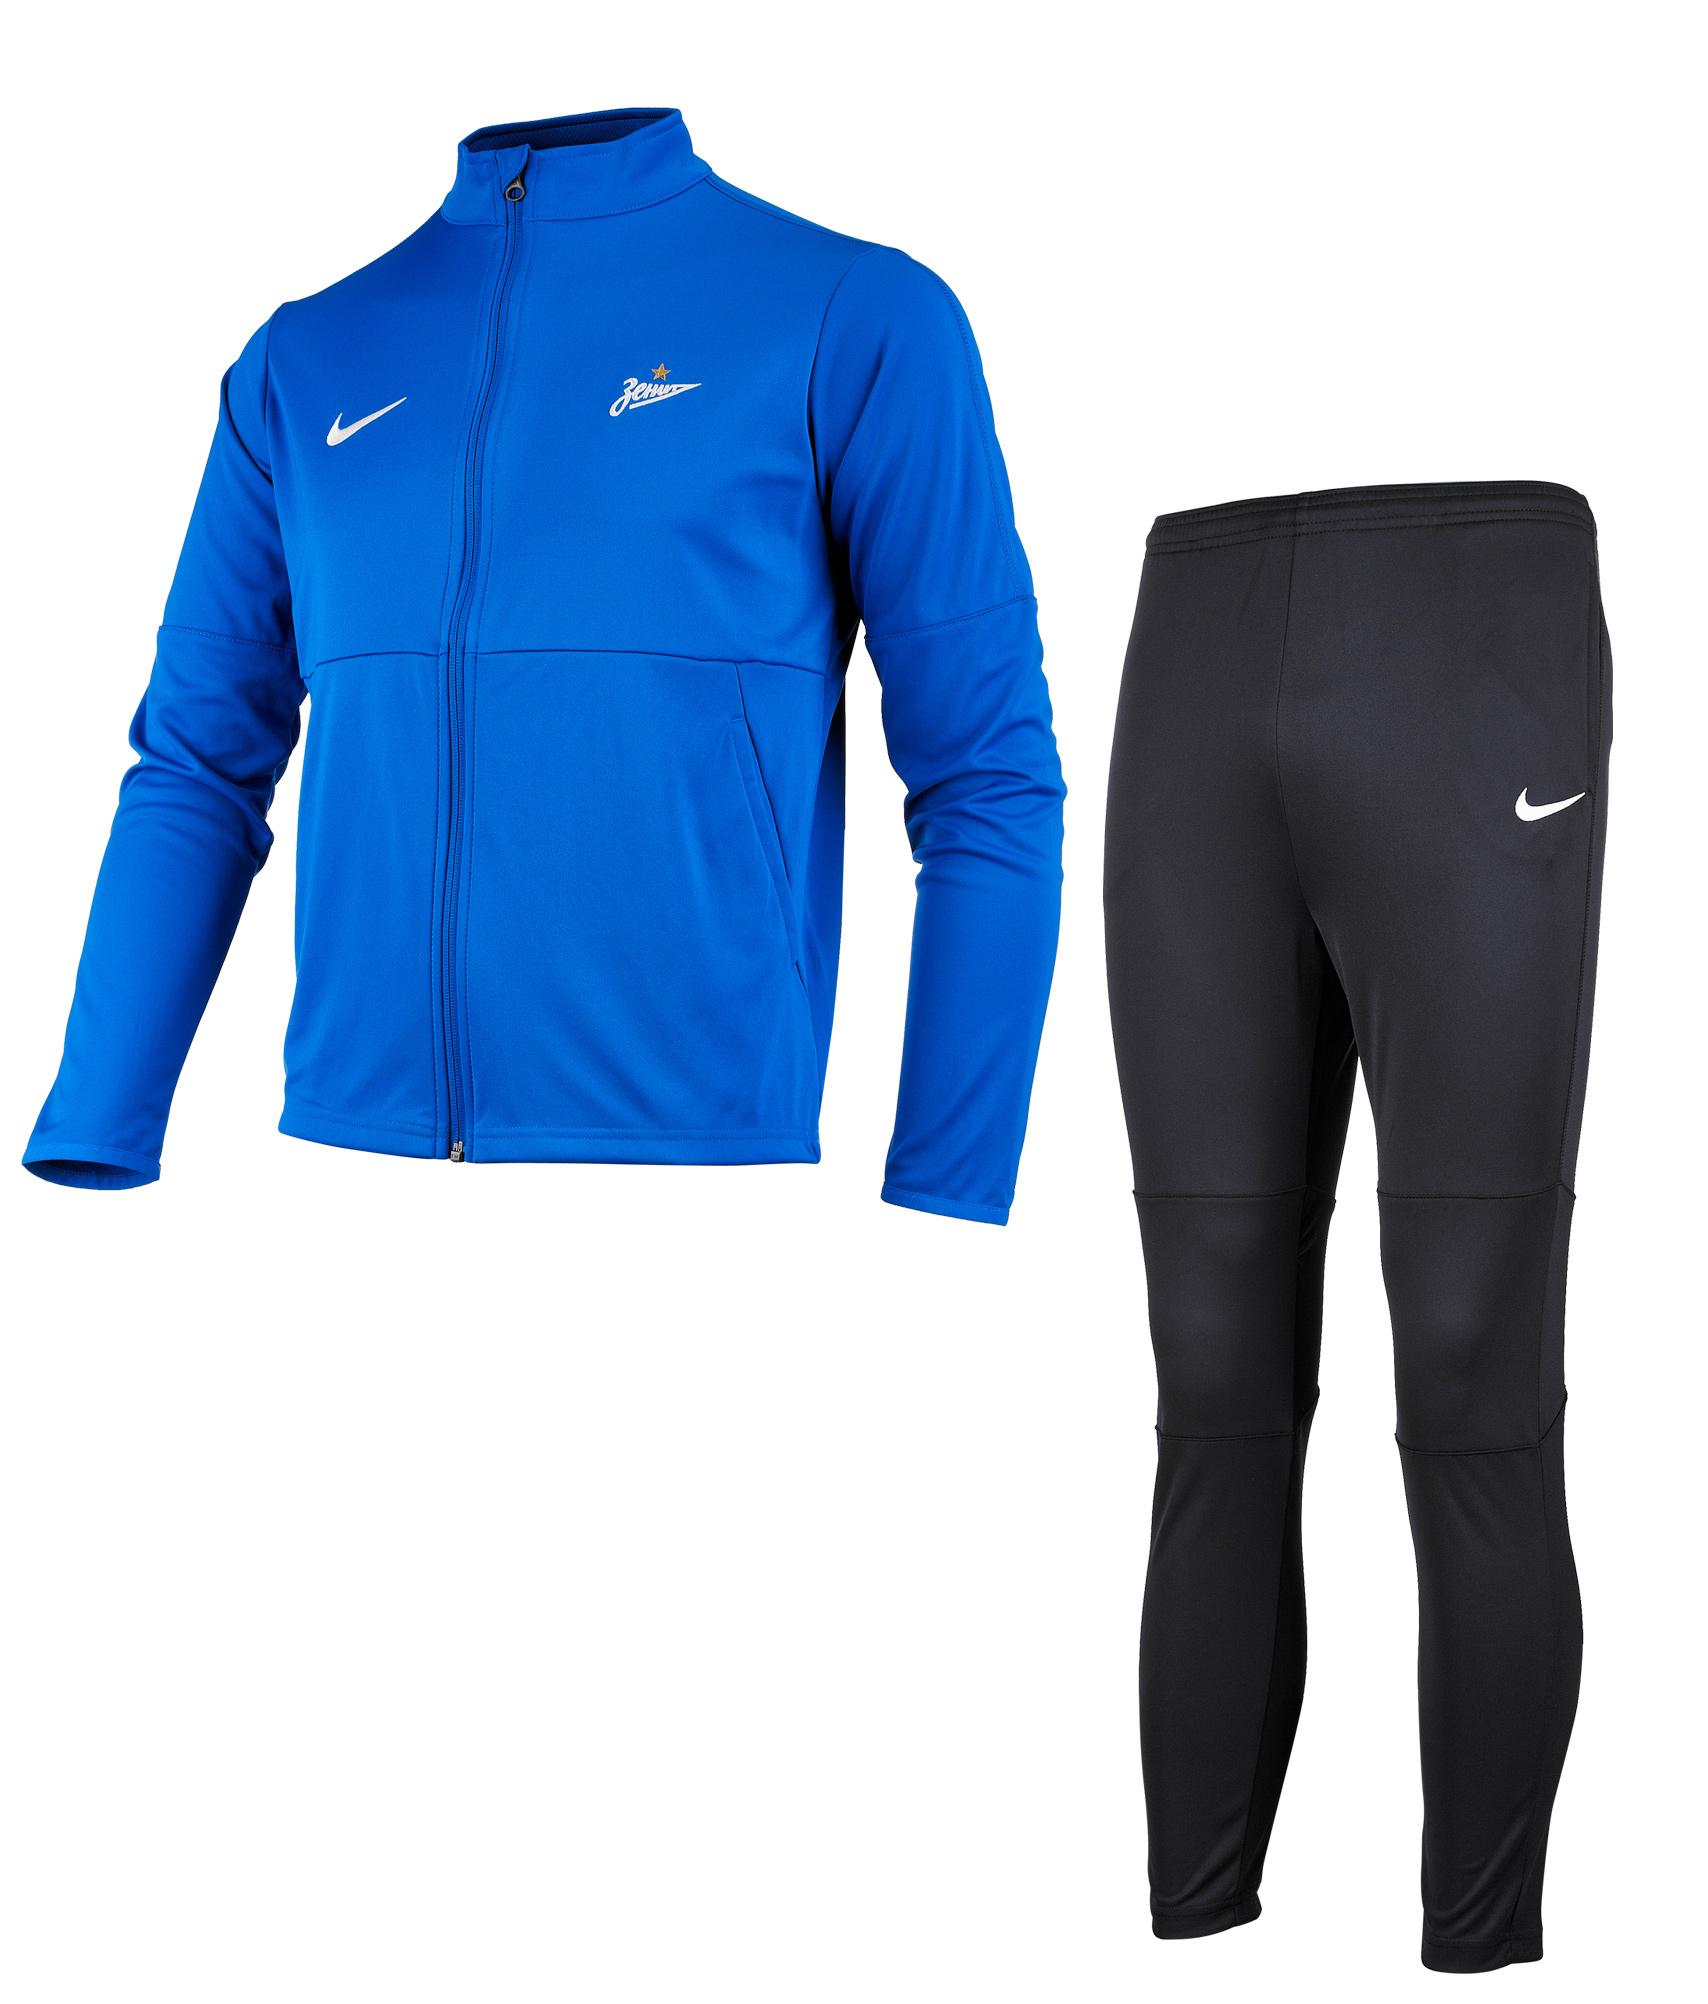 340d5864 Спортивный костюм подростковый Nike Zenit